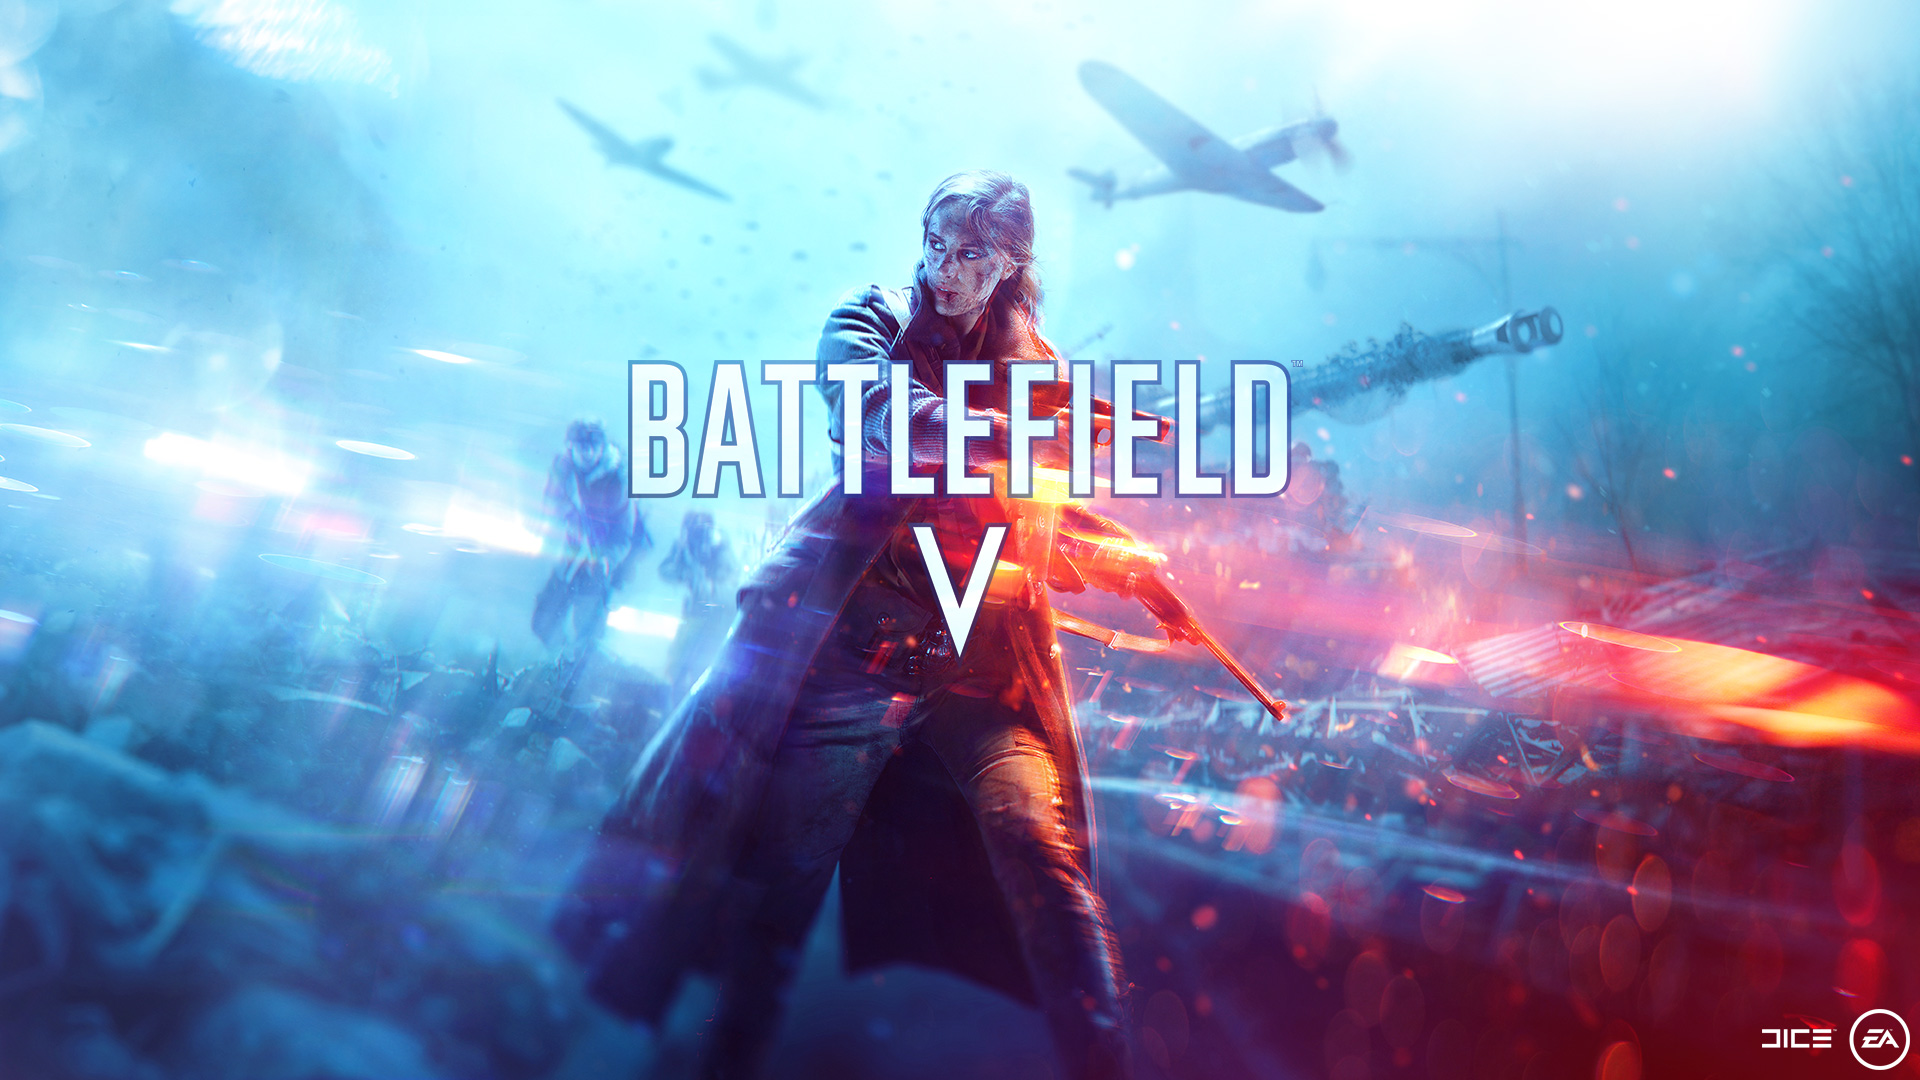 http://www.idgtv.es/archivos/201805/battlefield-v-art.jpg